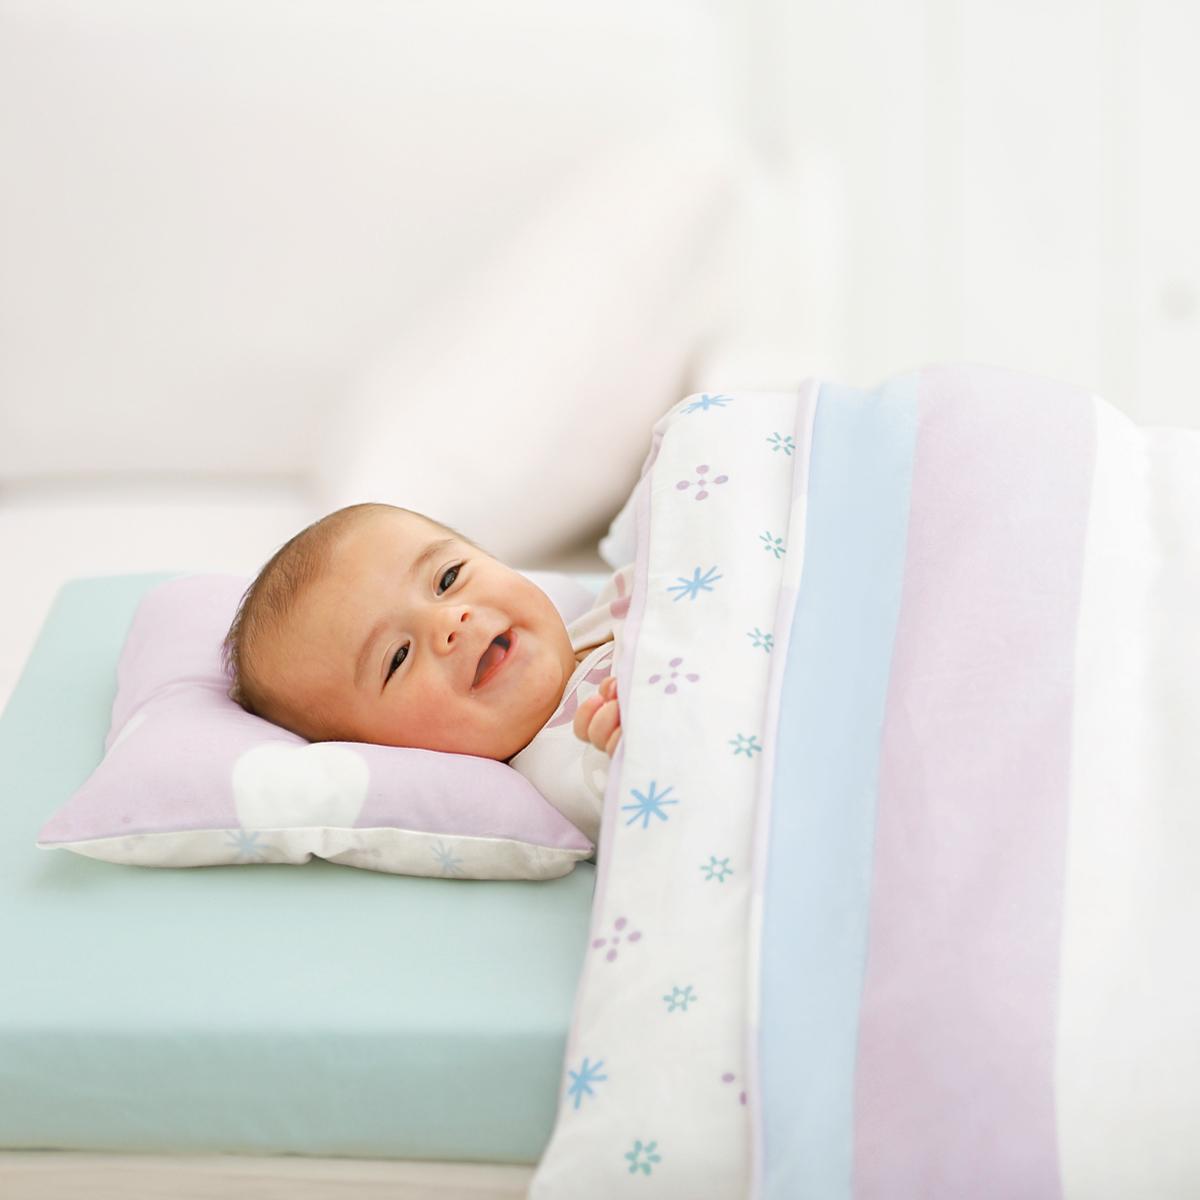 ヨーロピアンパステル14点セット《コンビミニ》ギフト ベビー布団 出産祝い Combi mini 新生児 ベビーふとんセット 男の子 女の子_Pup